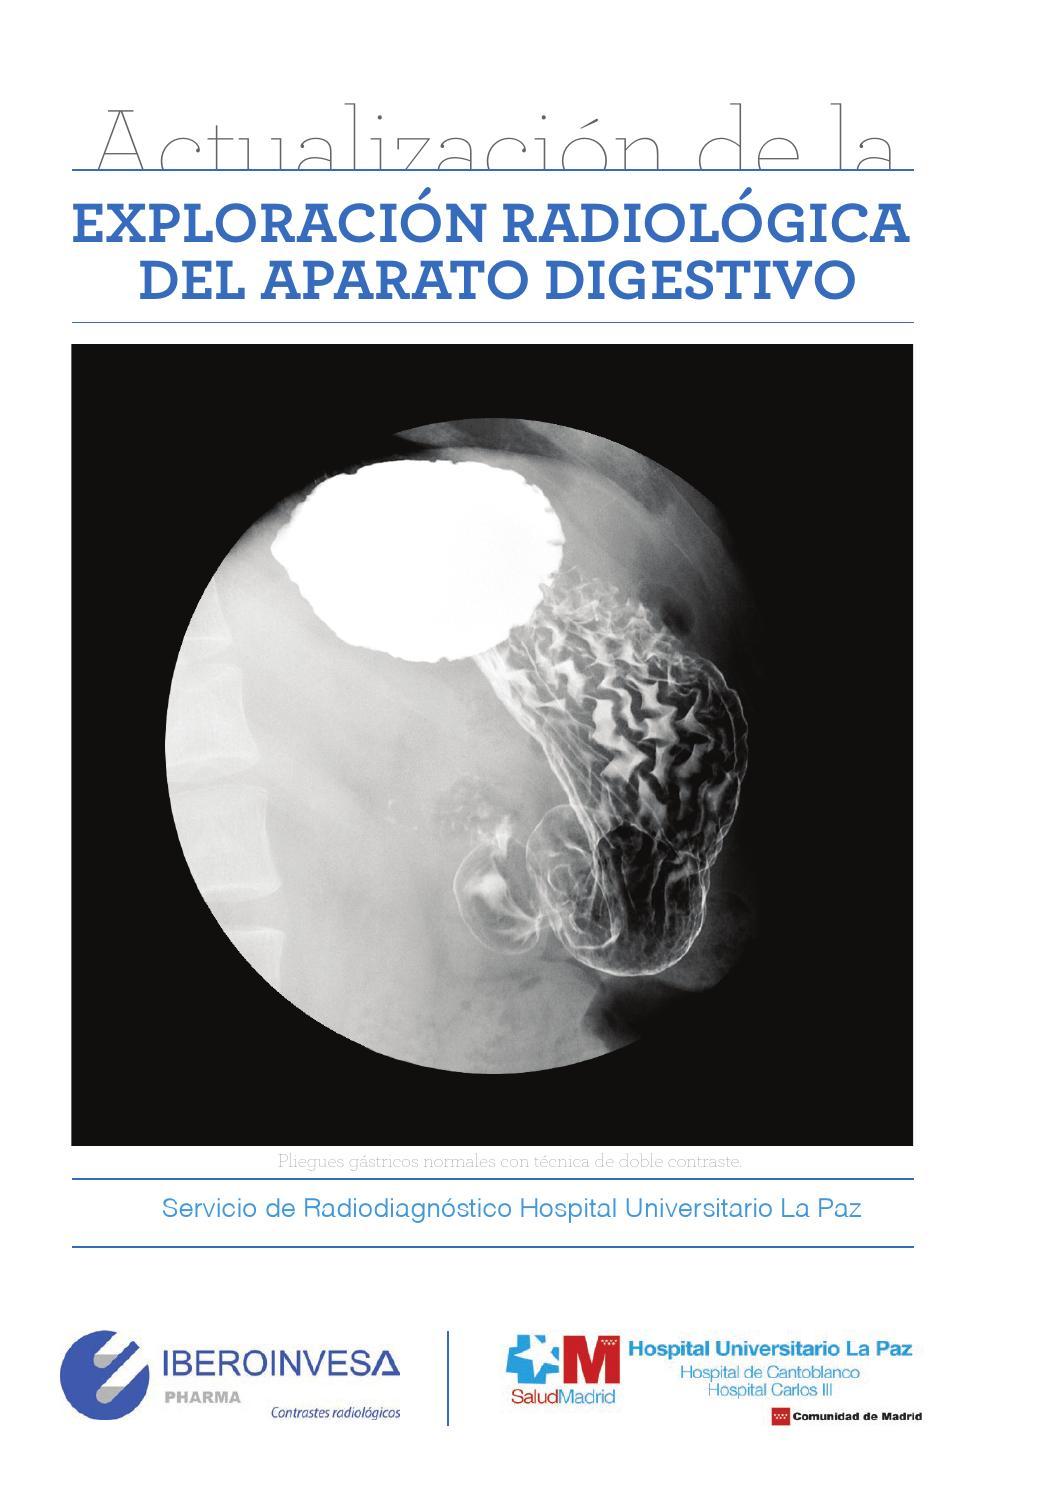 Ebook exploracion radiologica del aparato digestivo by iberoinvesa ...